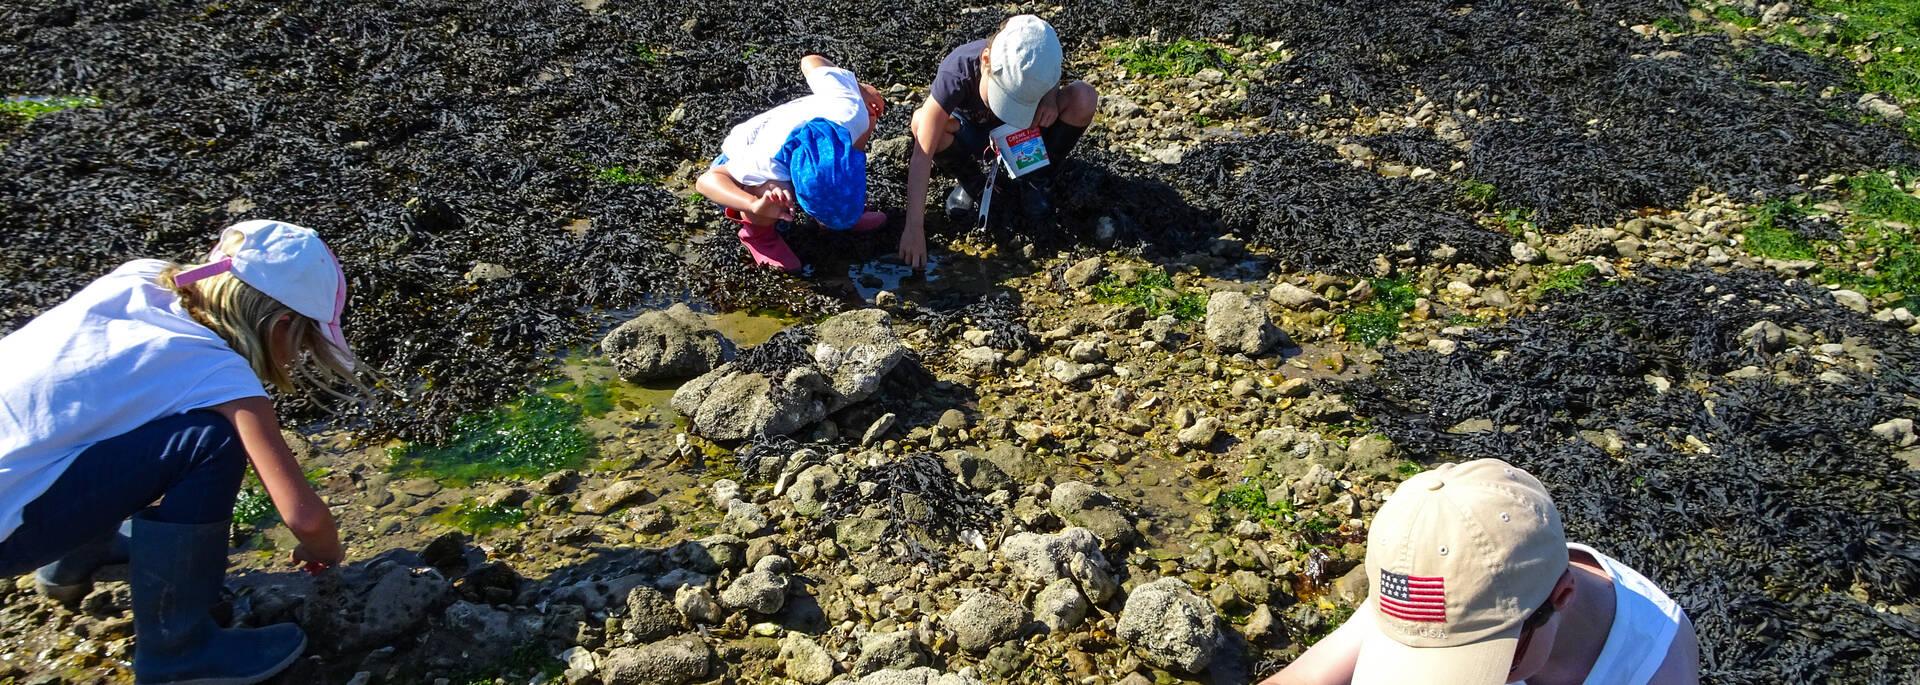 Les enfants cherchent des crabes à Port-des-Barques - © Écomusée de Port des Barques